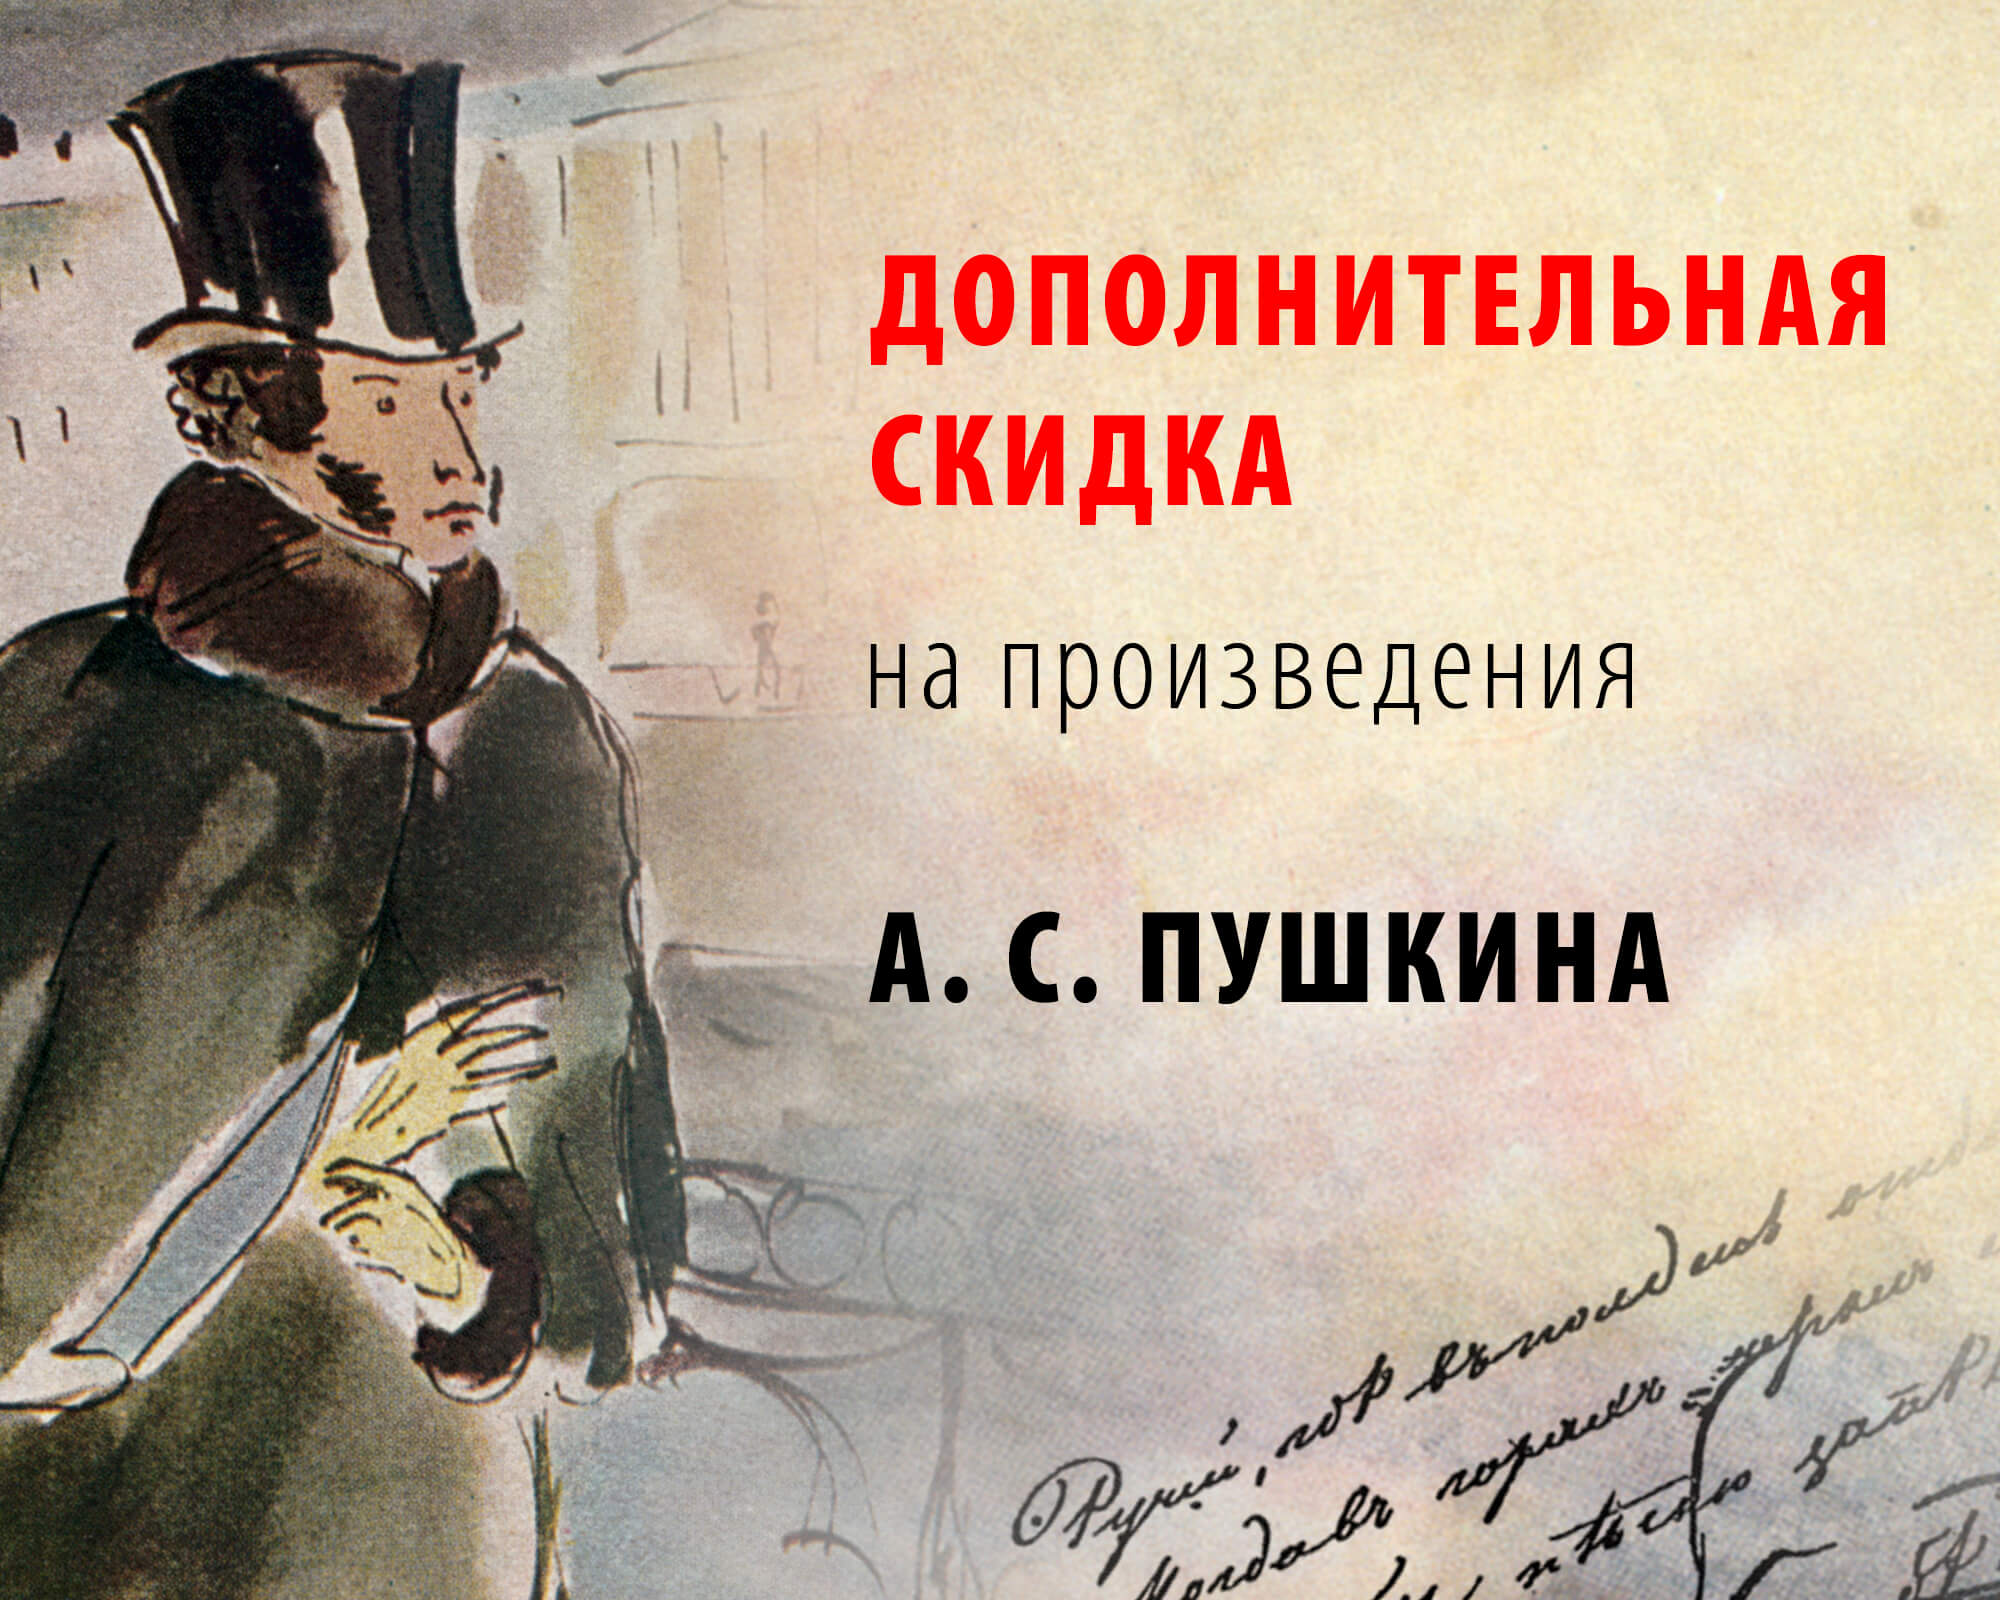 Первая публикация Пушкина